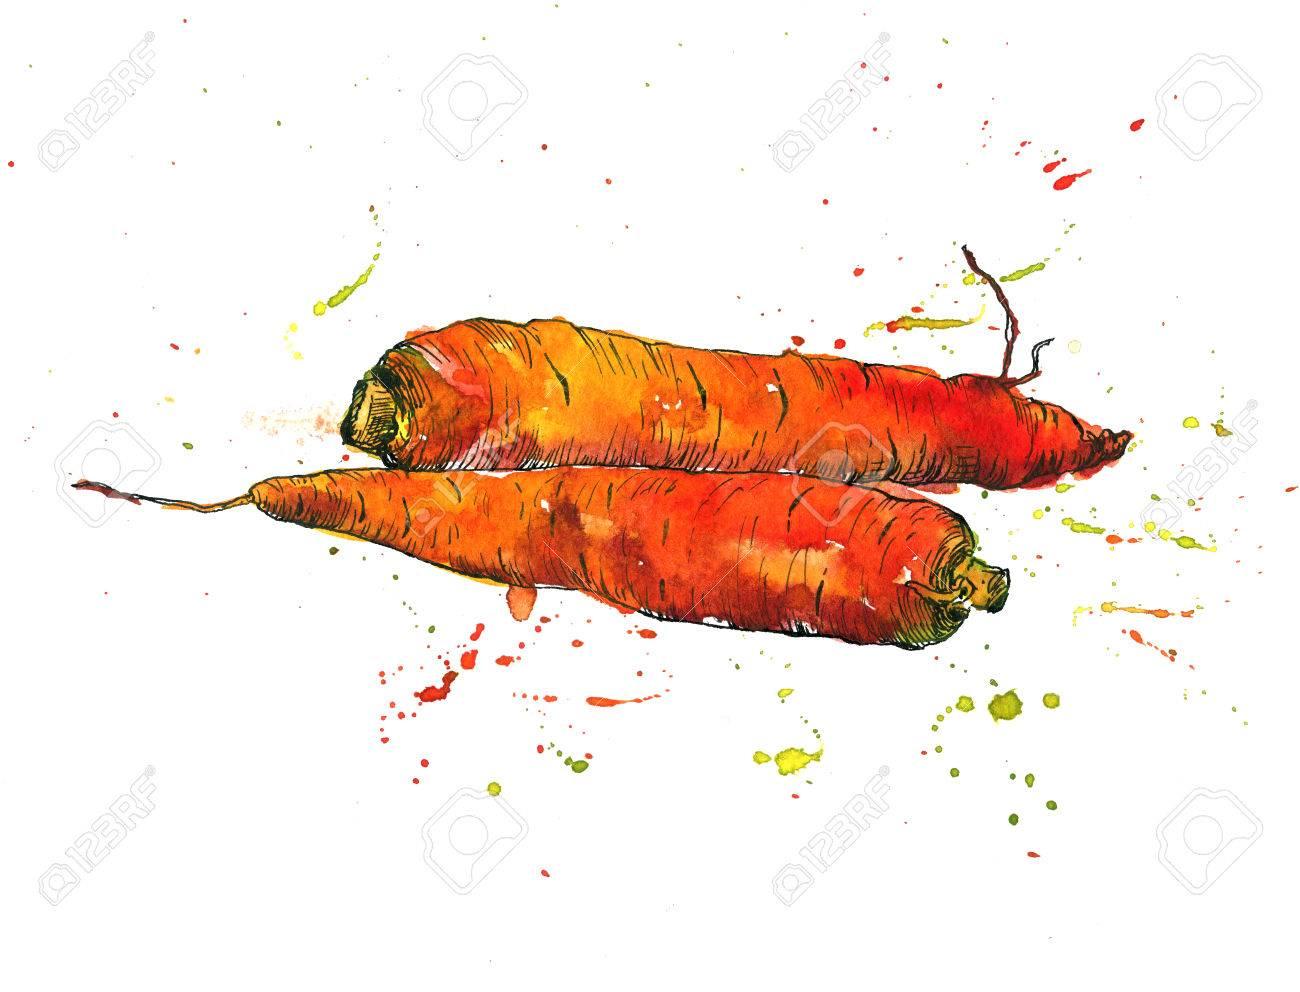 zanahorias dibujo de la tinta y de la acuarela con manchas de